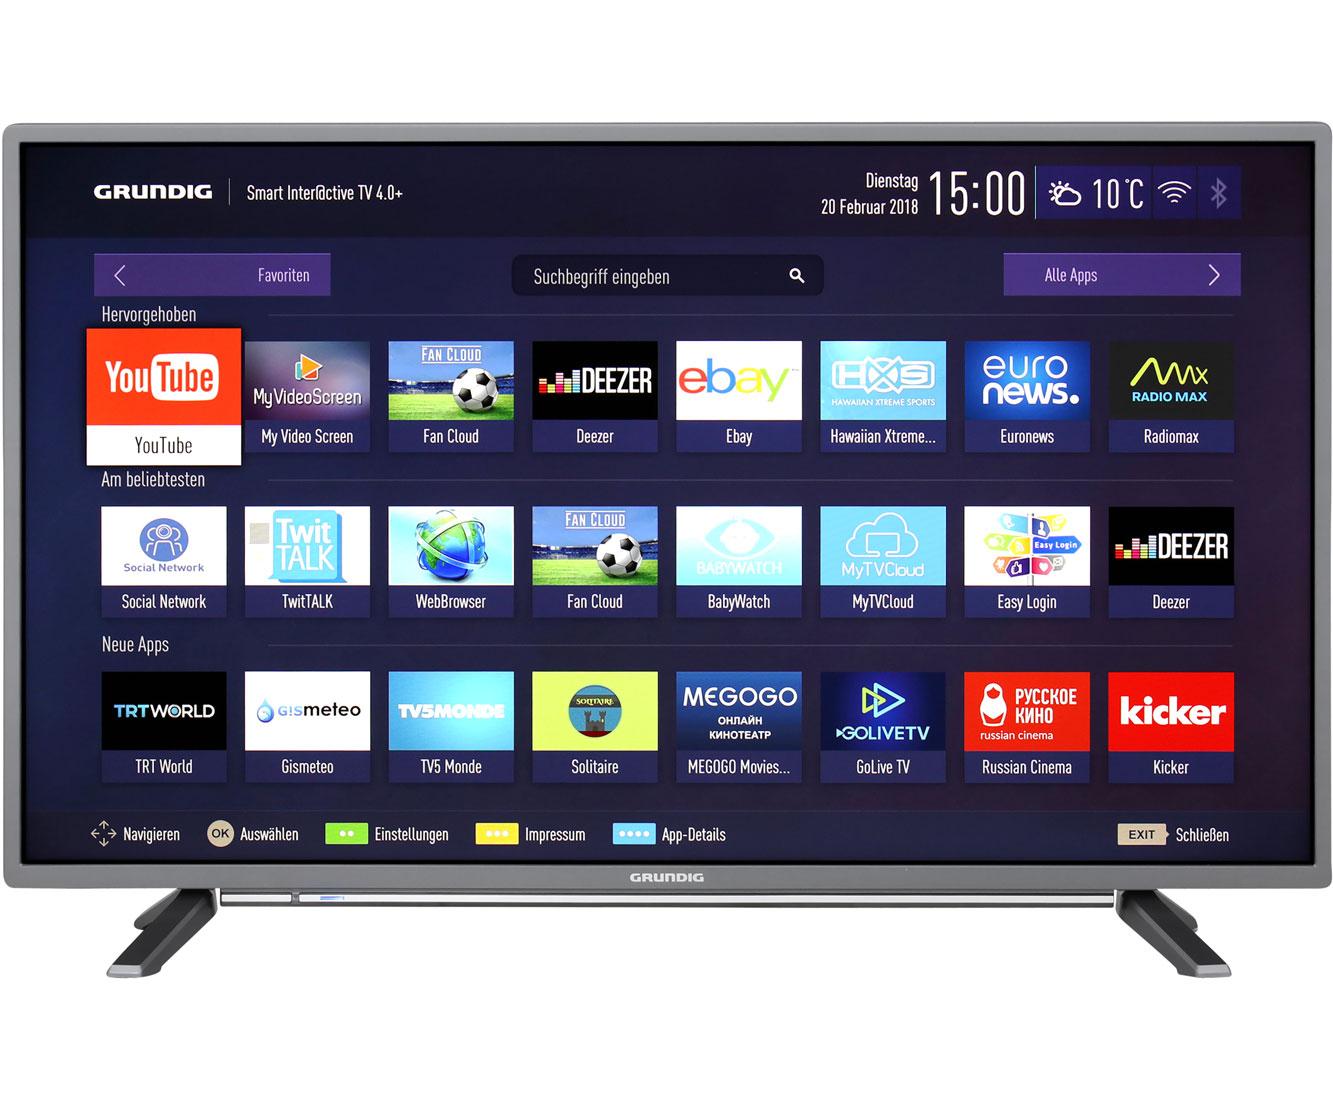 Sammeldeal: verschiedene Grundig TVs bei AO.de reduziert - z.B. Grundig 43 GFT 6728 Full HD für 279€ oder Grundig 65 GUB / GUS 9790 UHD für 999€